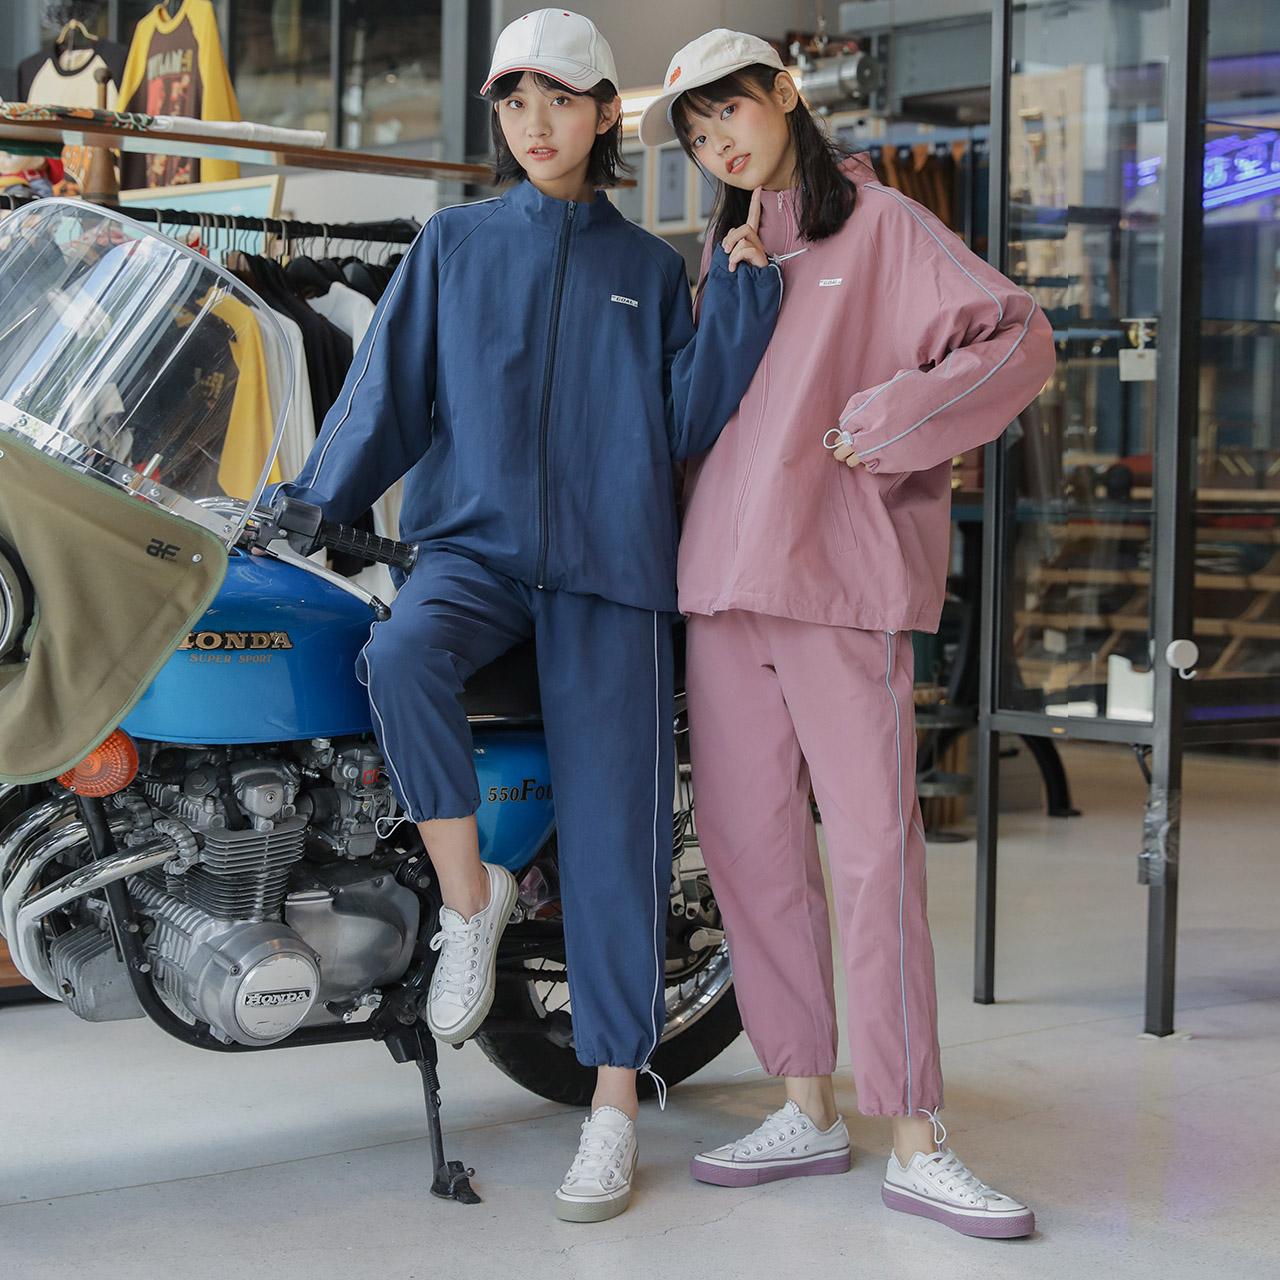 少女bf女装潮学生秋季运动套装女休闲两件套原宿风宽松韩版运动装(用5元券)